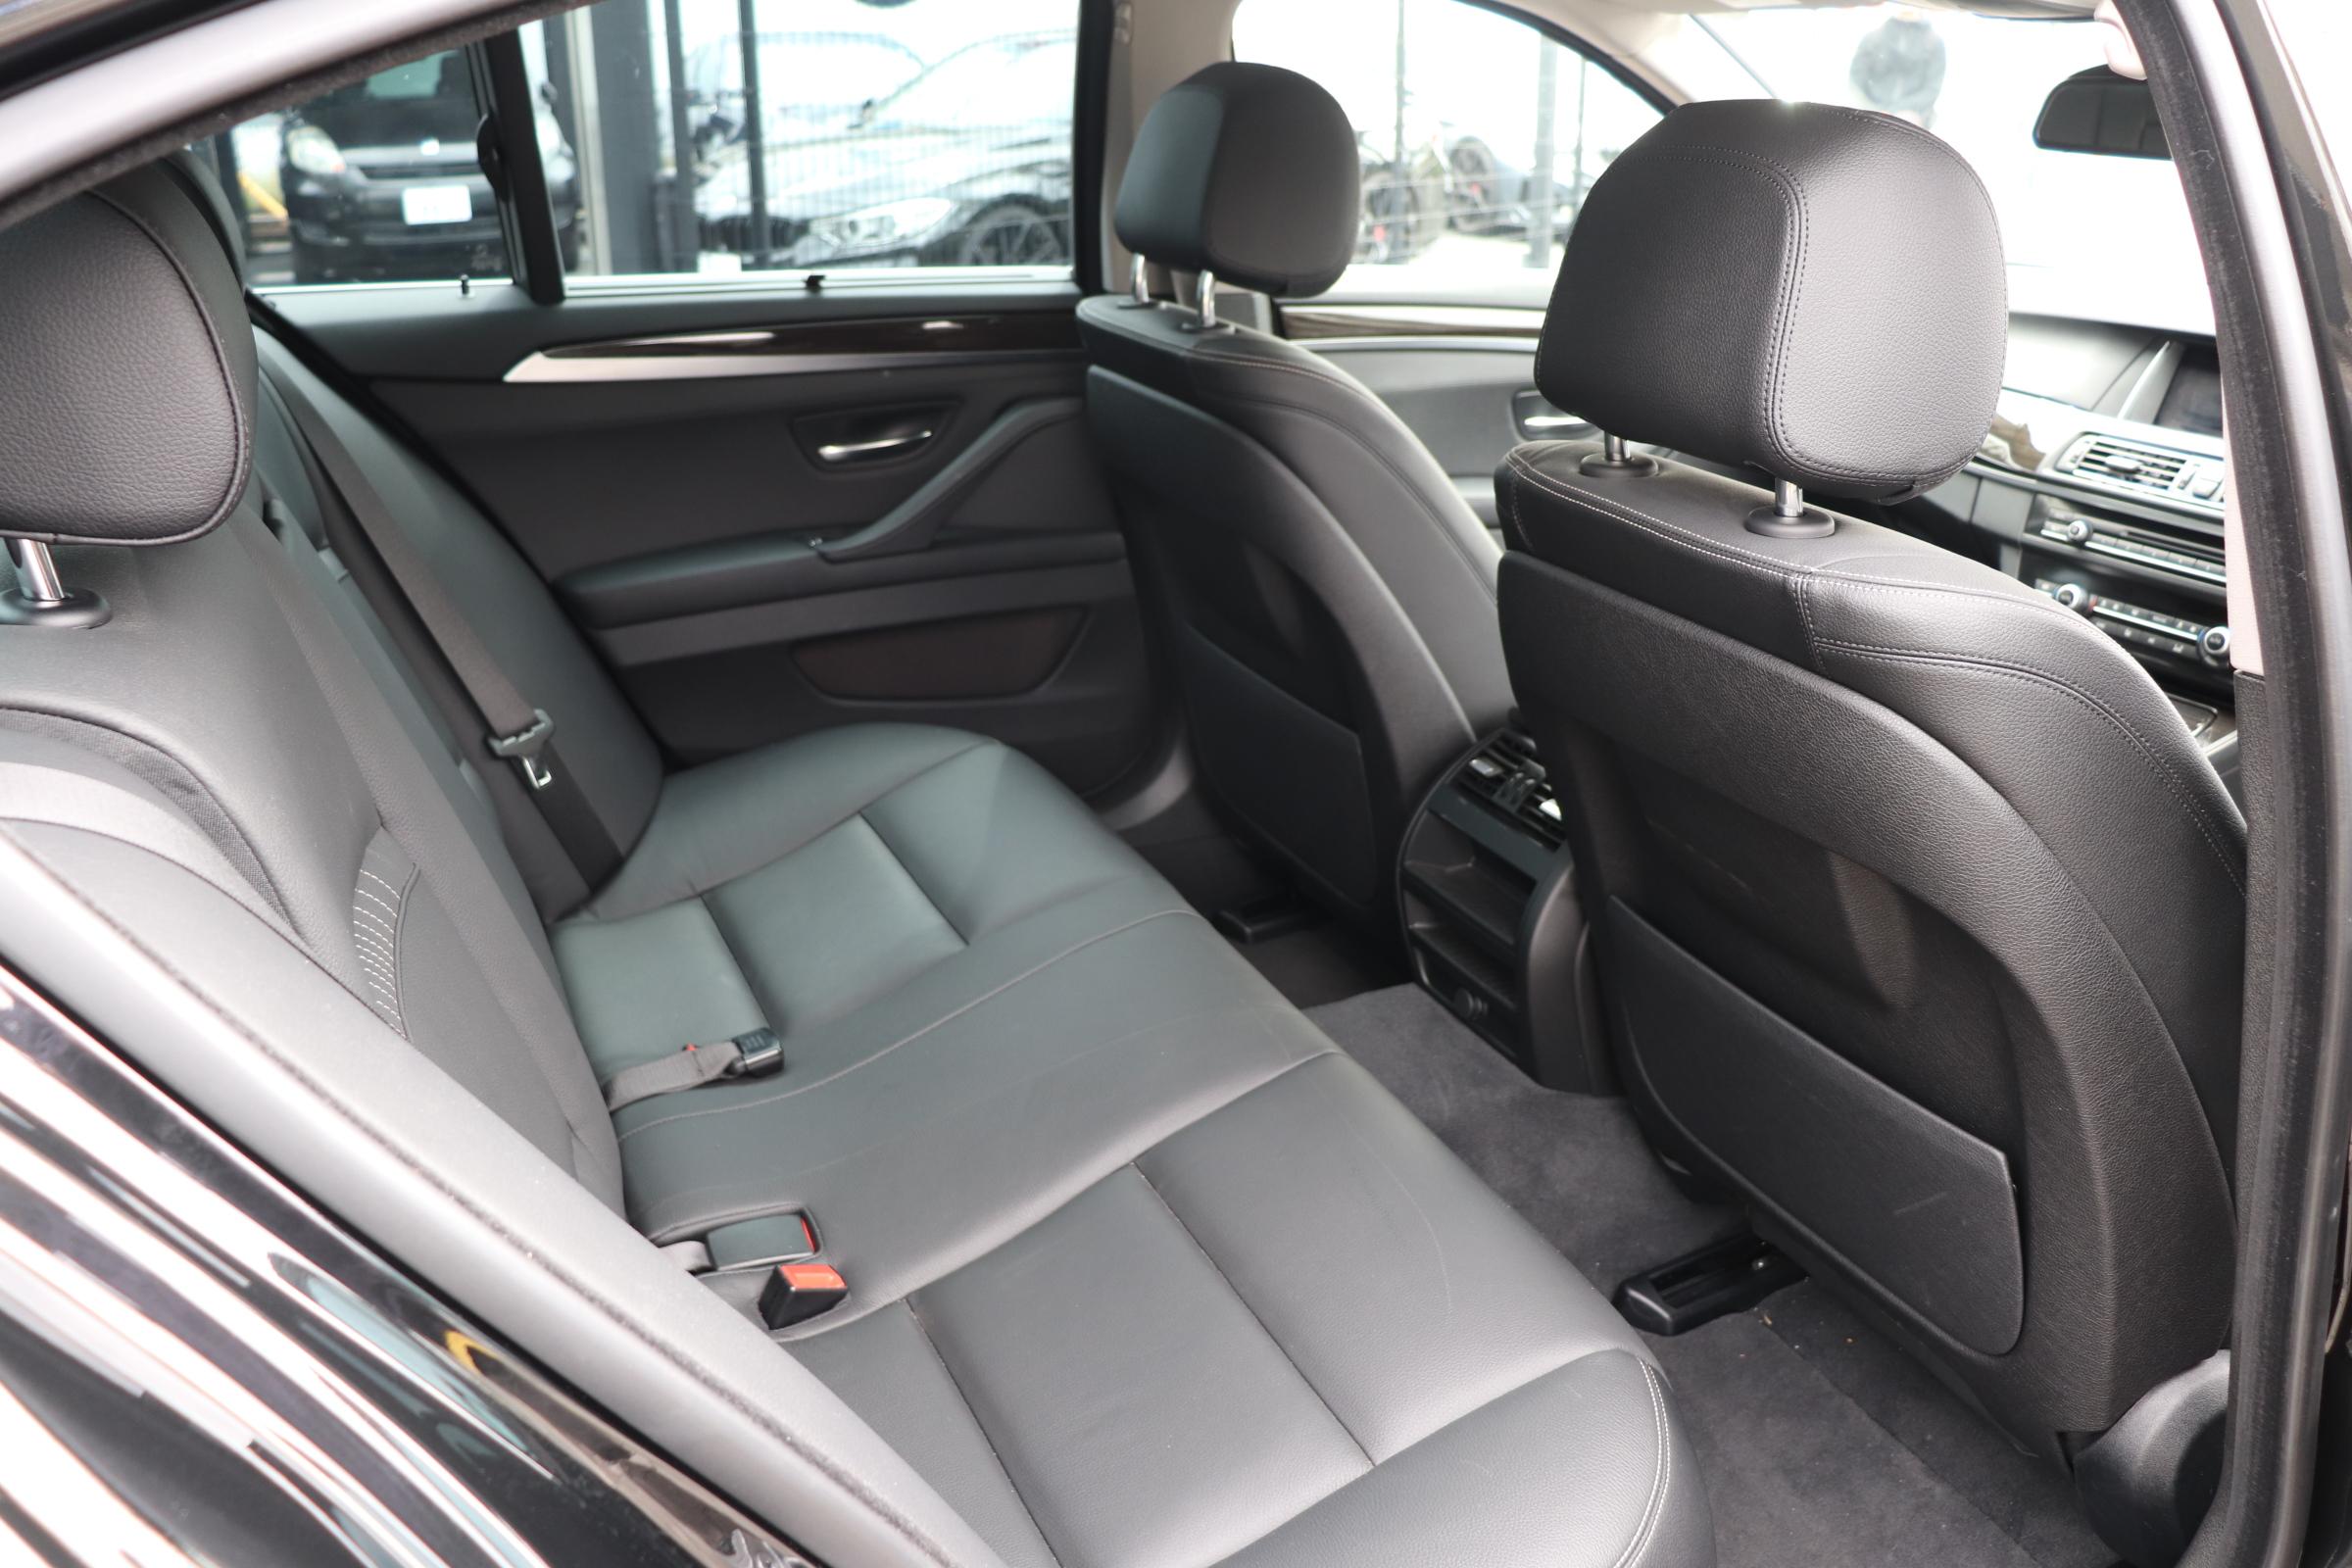 528iラグジュアリー BEAMコンプリートカー ワンオナ LEDヘッドライト マルチディスプレイメーター車両画像12